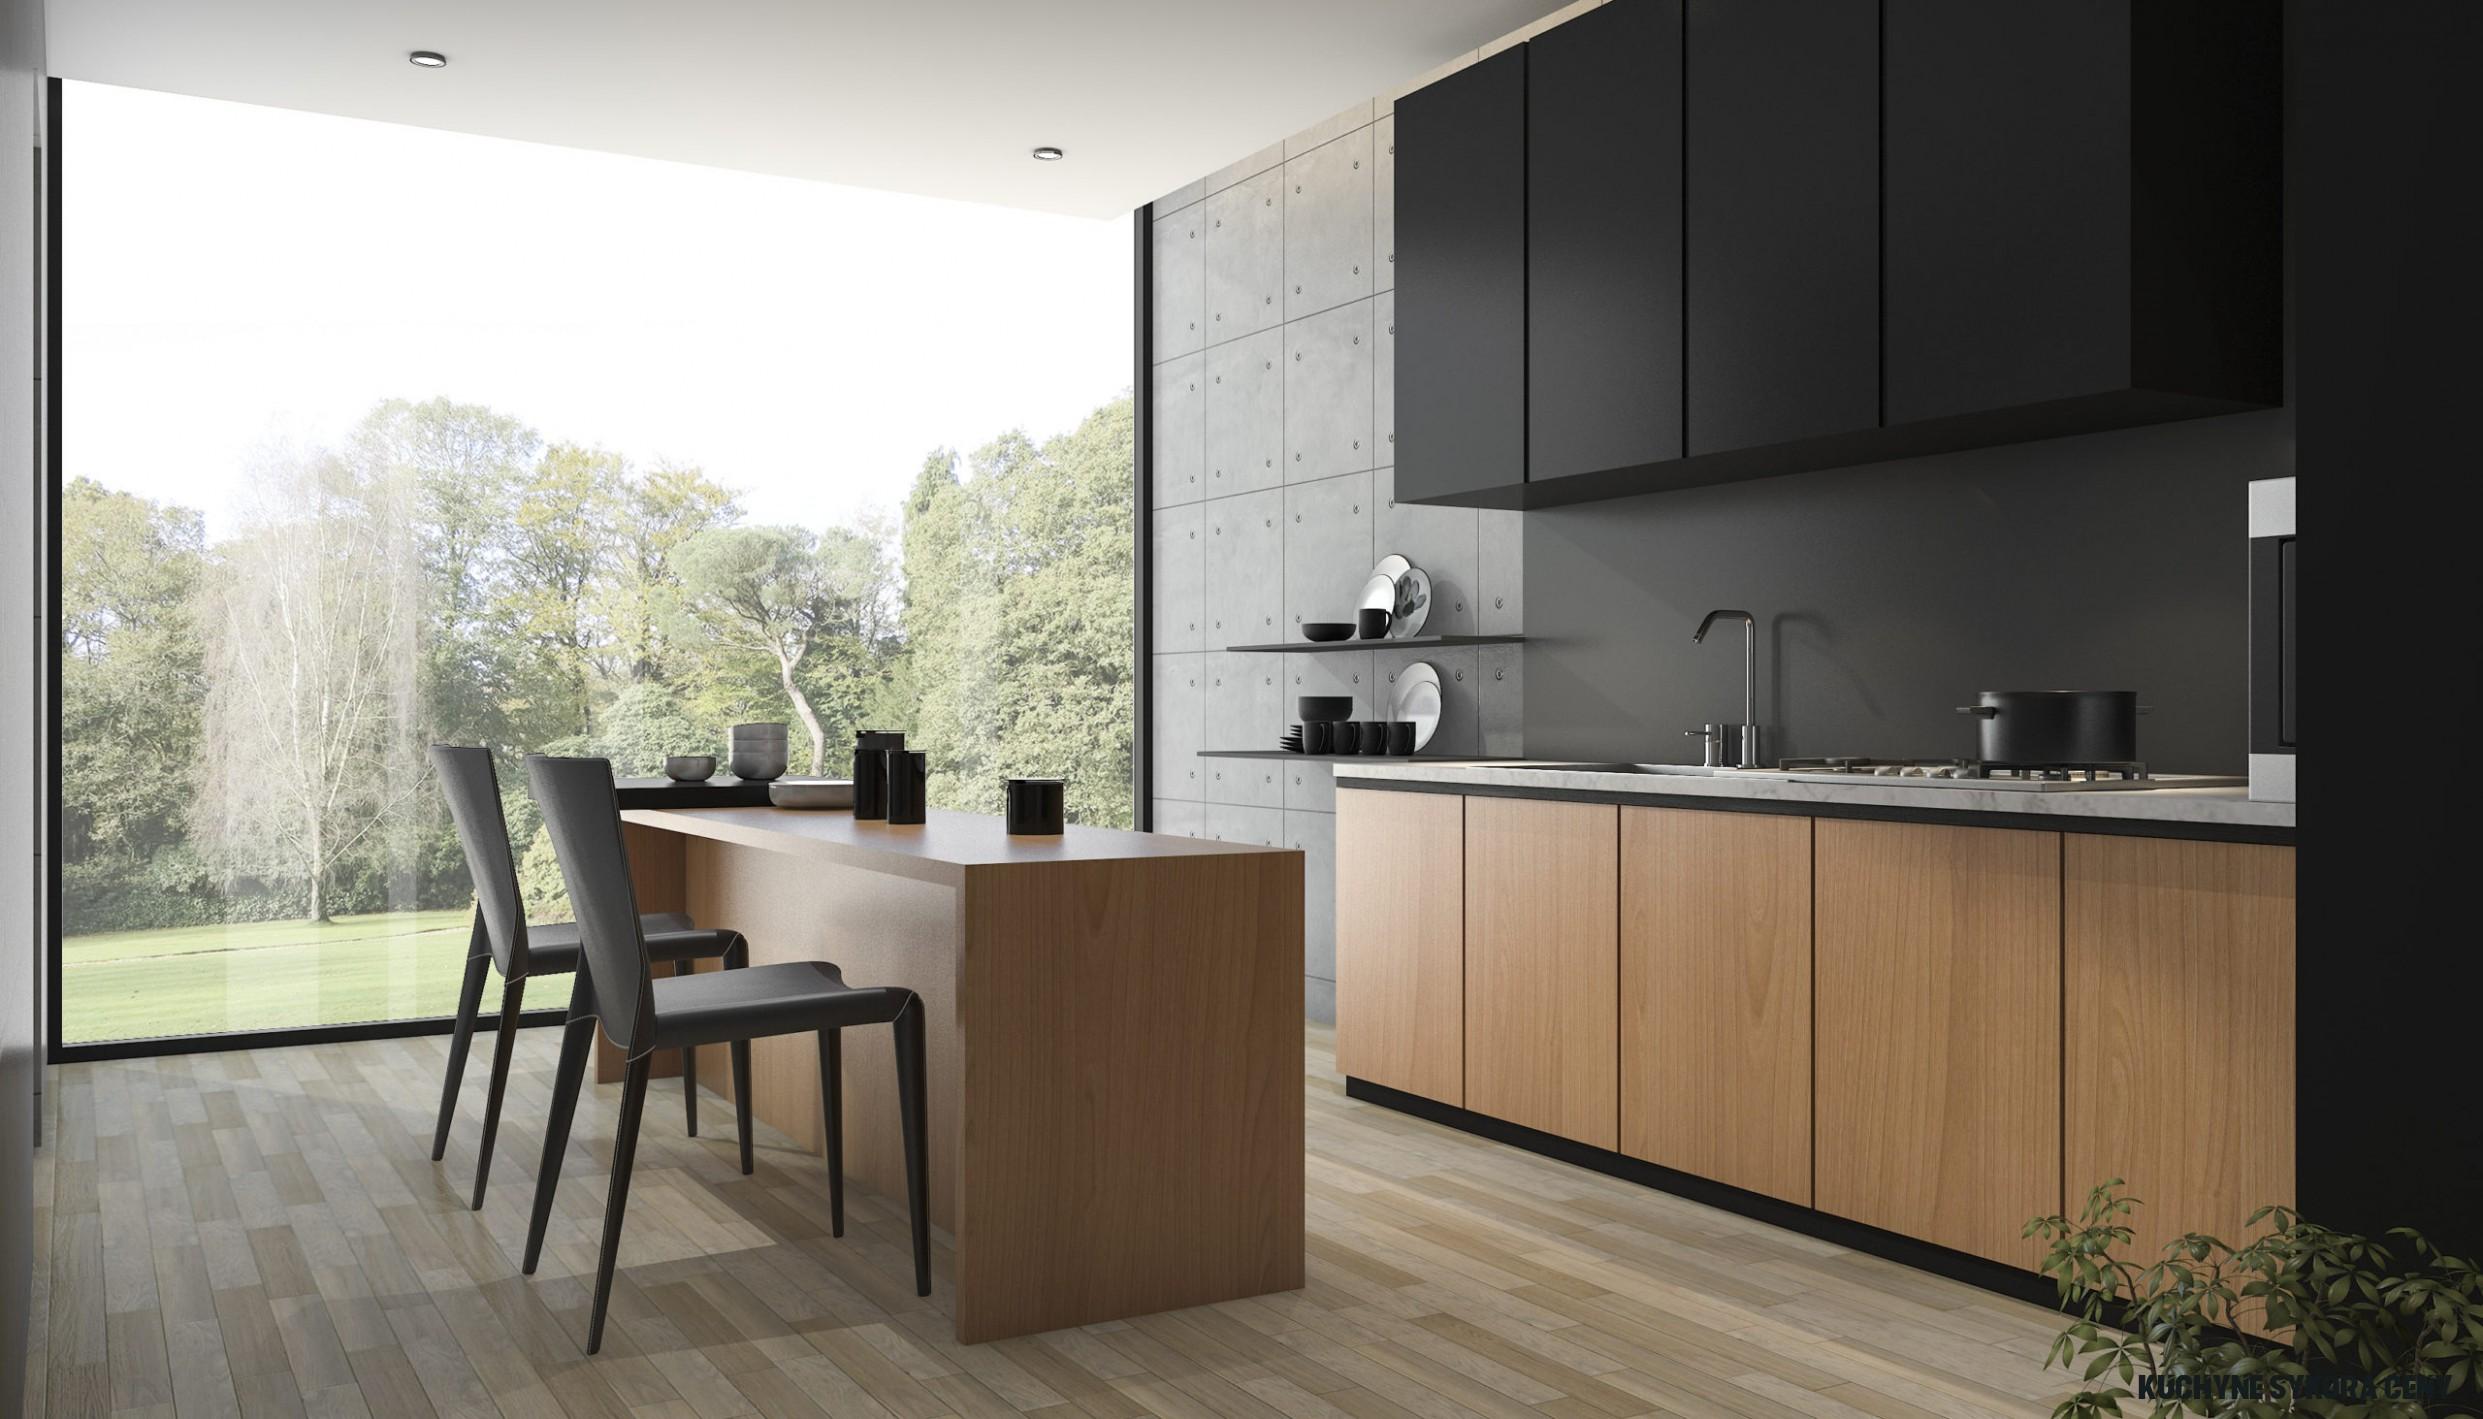 Ktoré kuchyne sú najlepšie? IKEA, Decodom alebo Sýkora